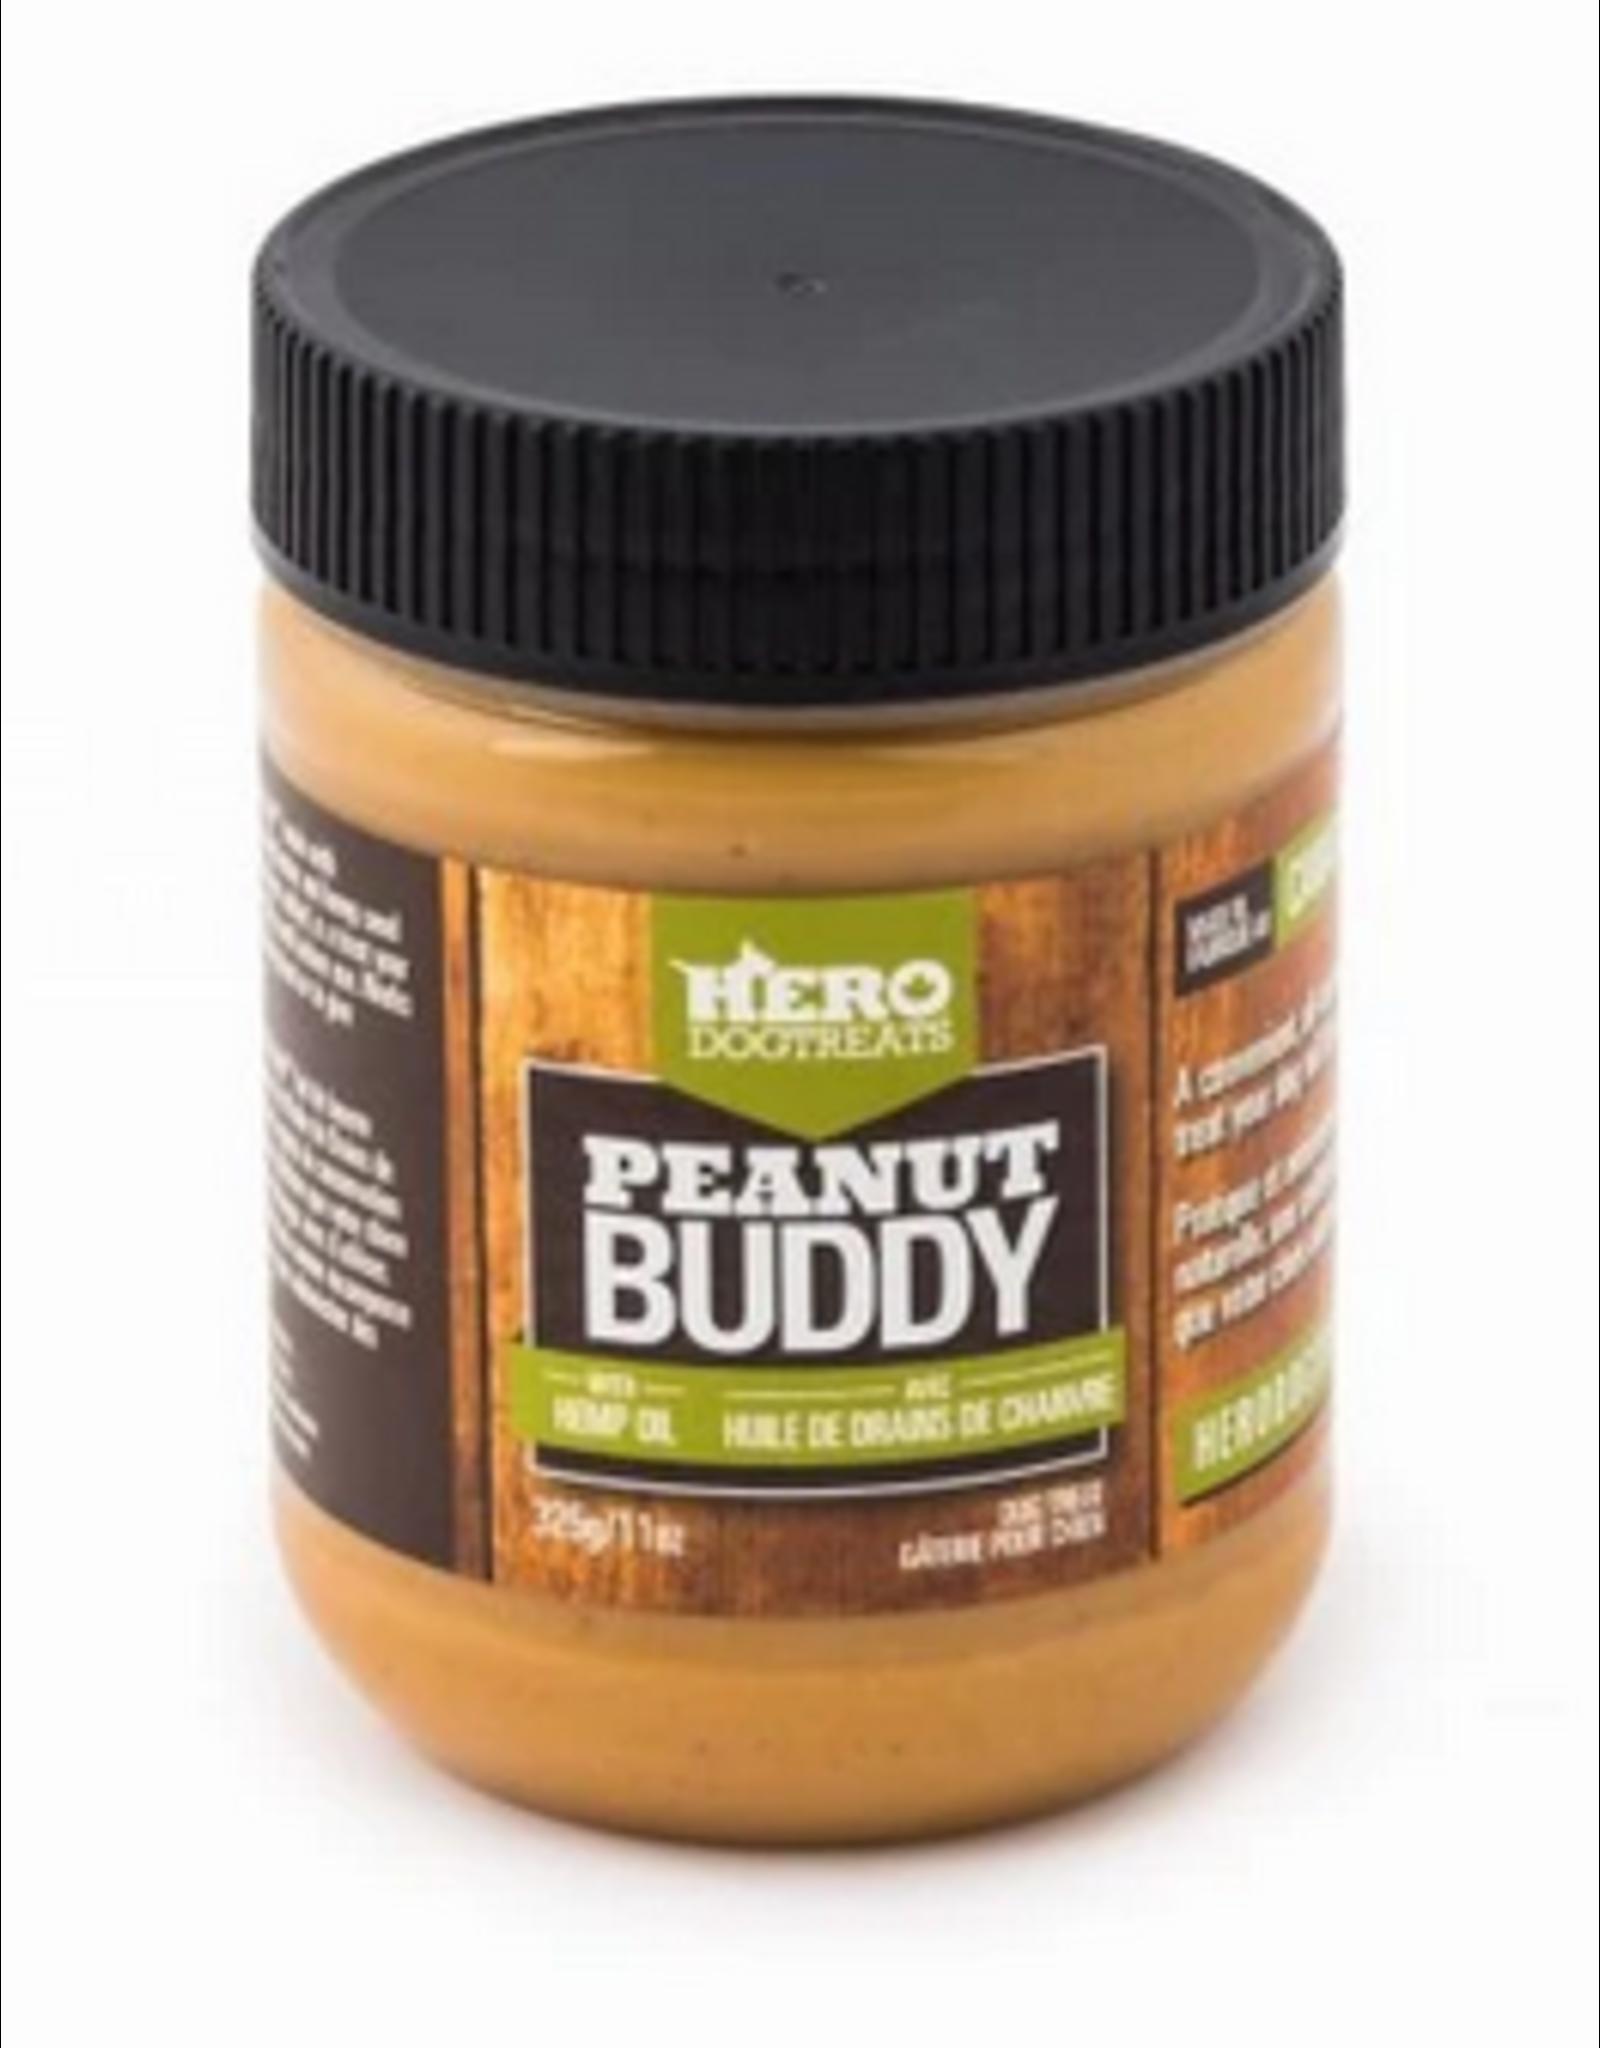 Hero Dog Treats Hero - Peanut Buddy